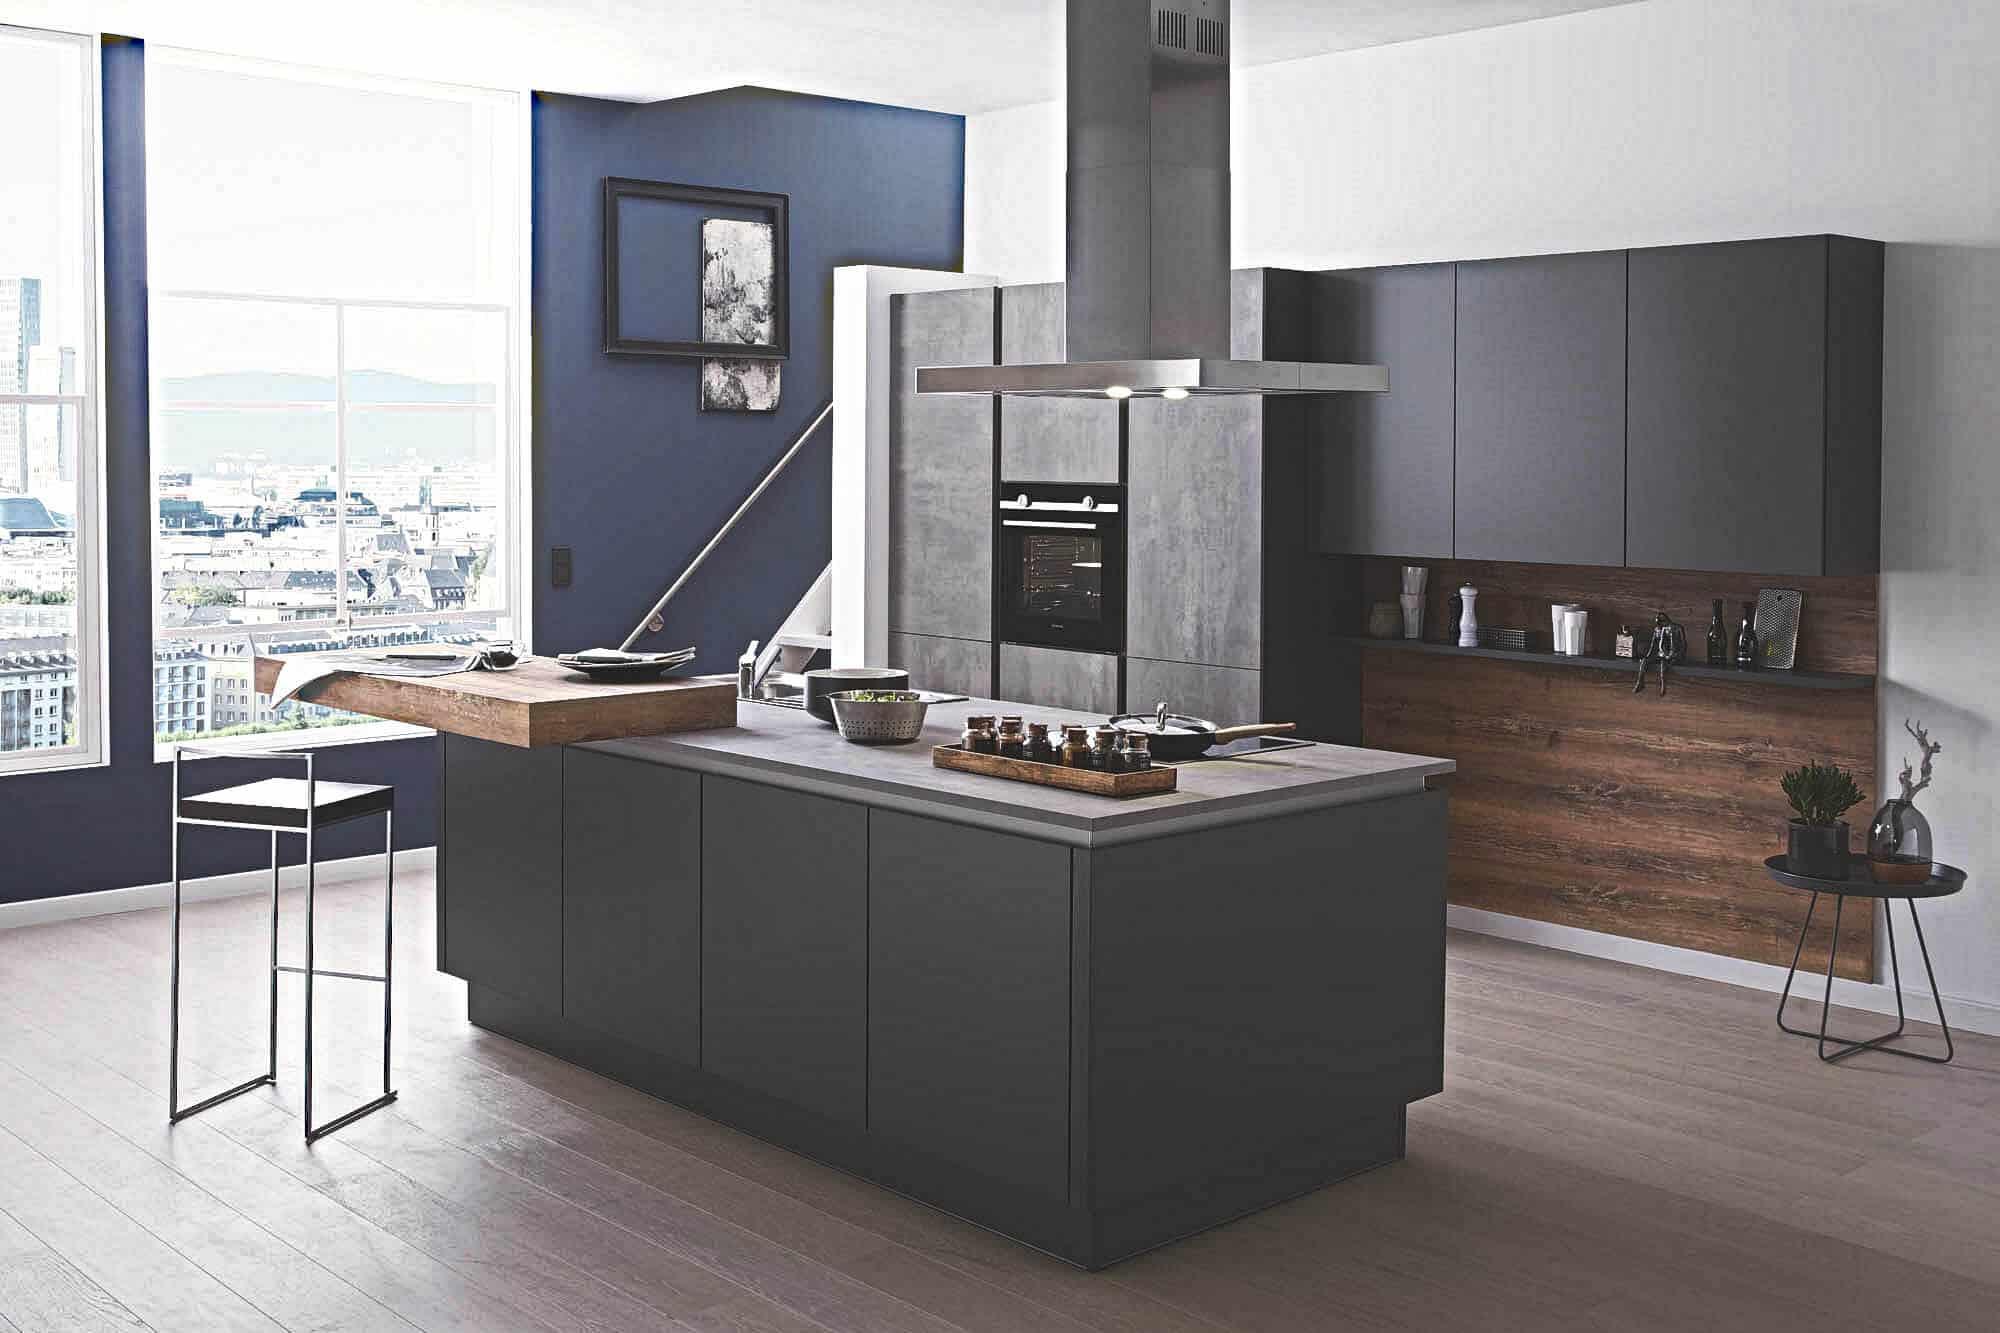 insel k chen g nstig kaufen zuverl ssig schnell sicher k chenb rse. Black Bedroom Furniture Sets. Home Design Ideas